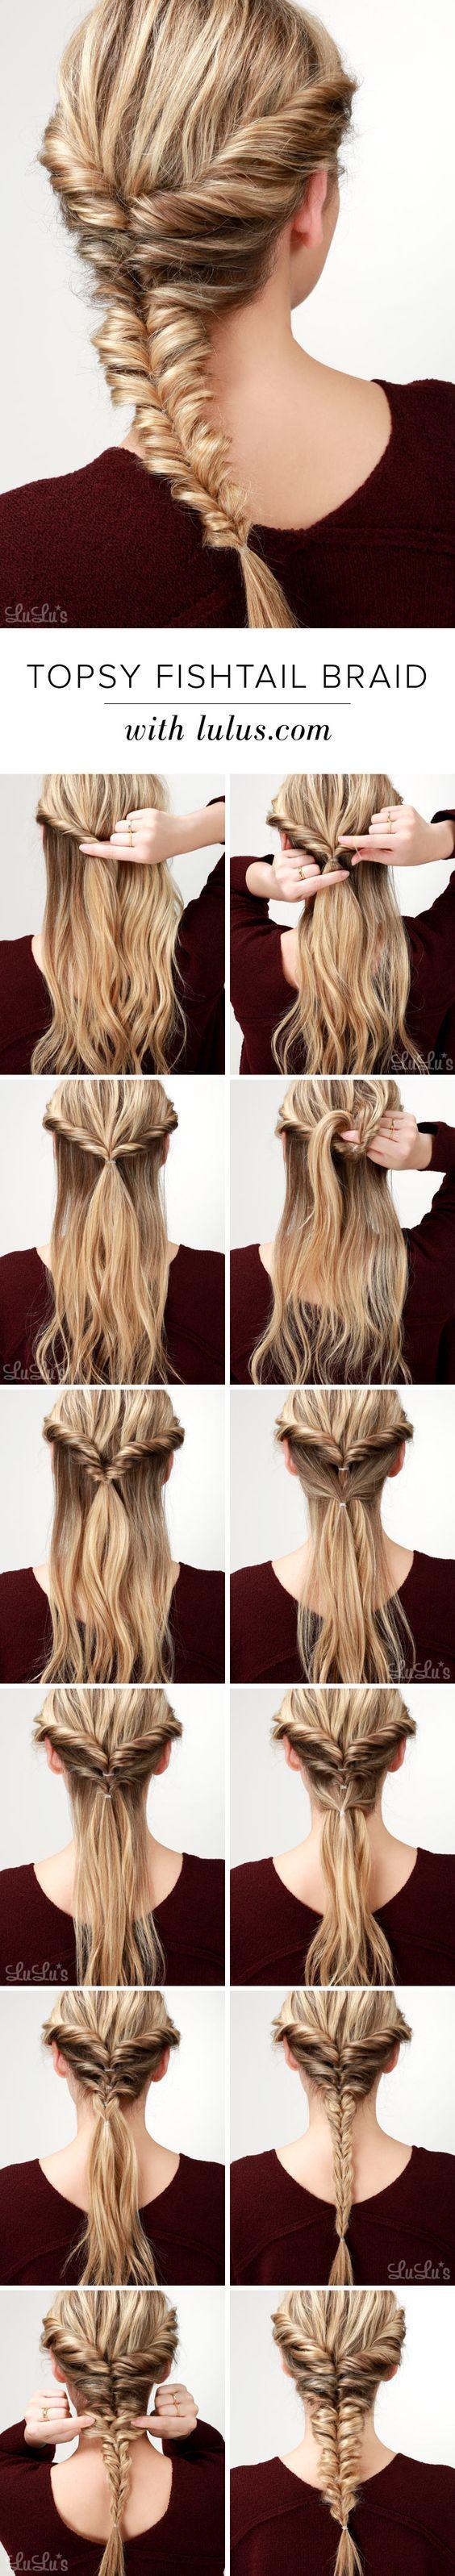 Fonat saç modelleri pinterest hair style hair makeup and makeup